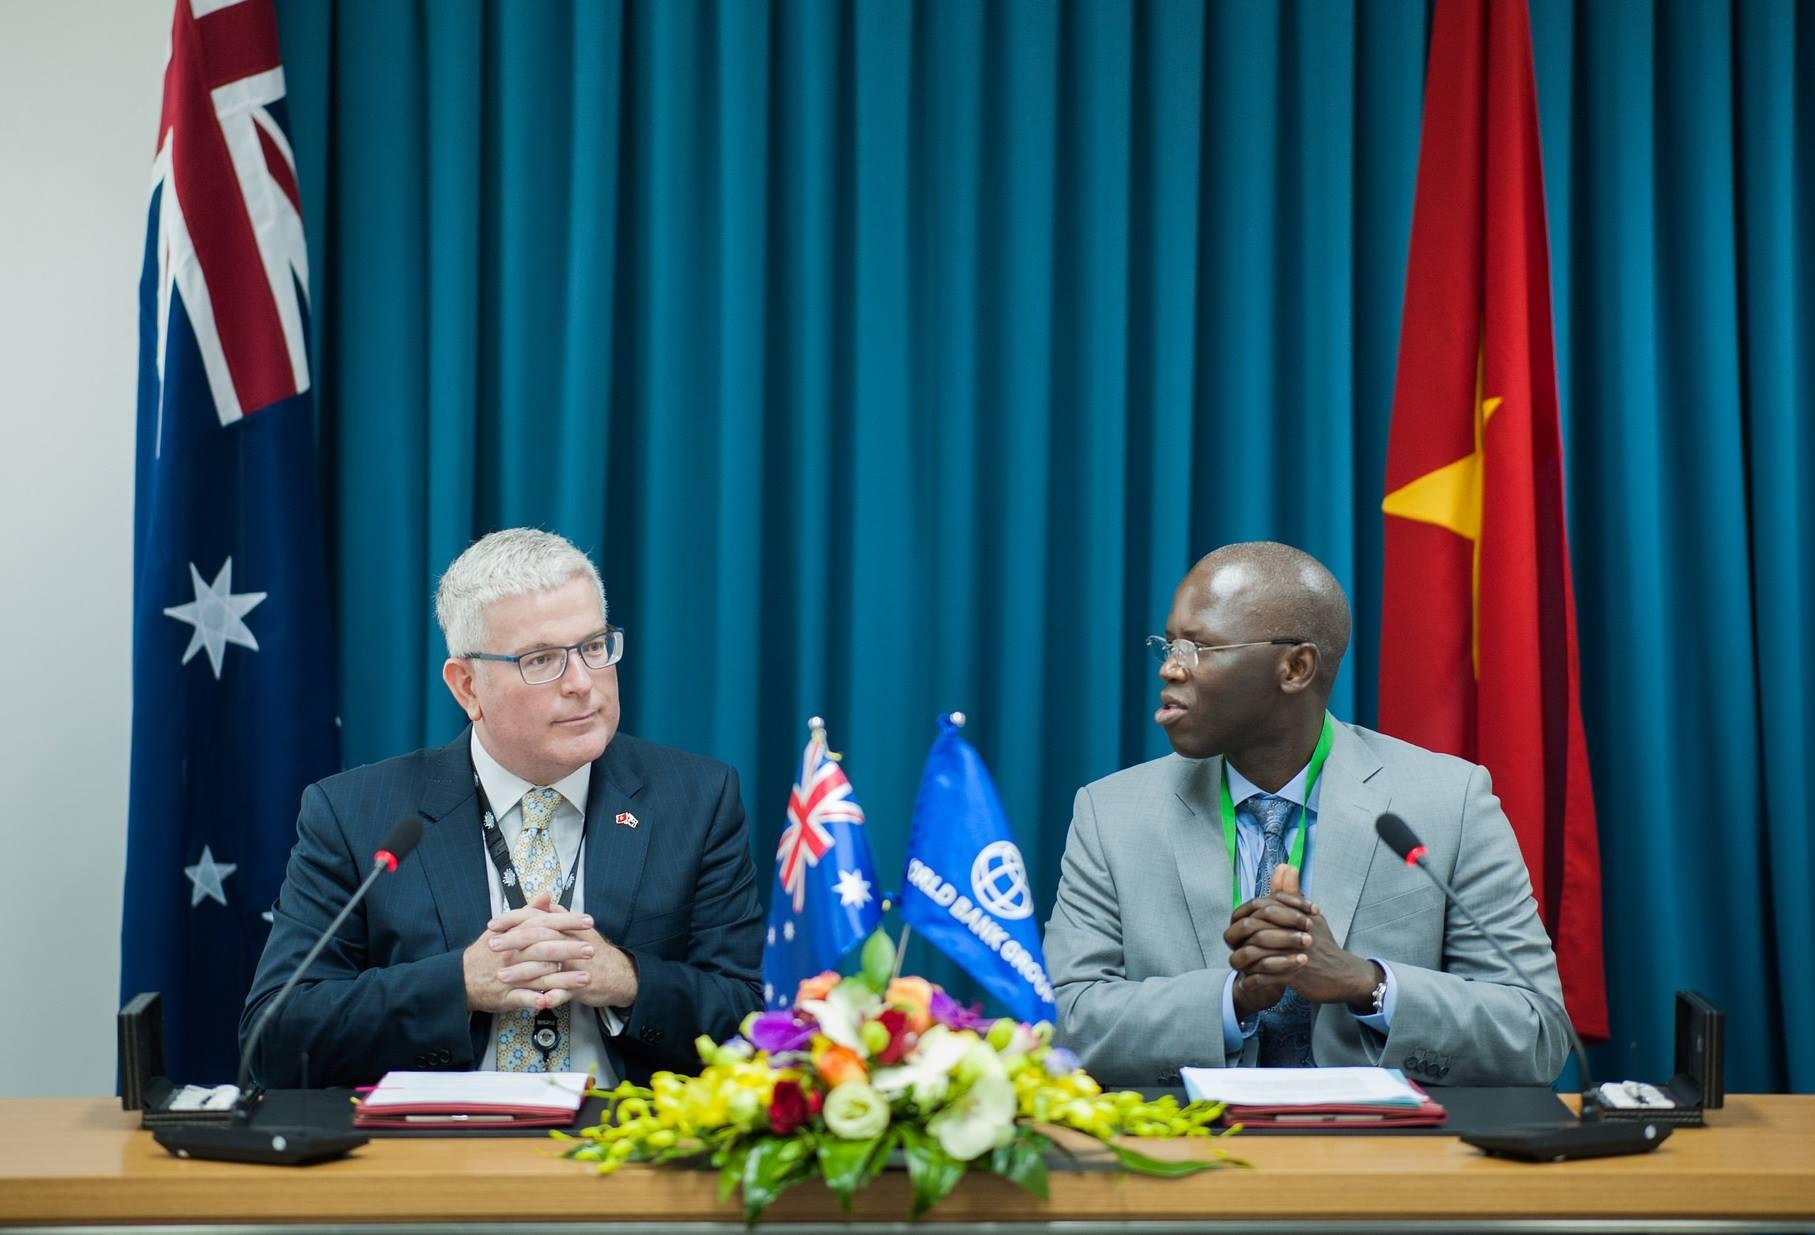 Australia và Ngân hàng Thế giới hợp tác hỗ trợ chương trình phát triển của Việt Nam (17/4/2017)